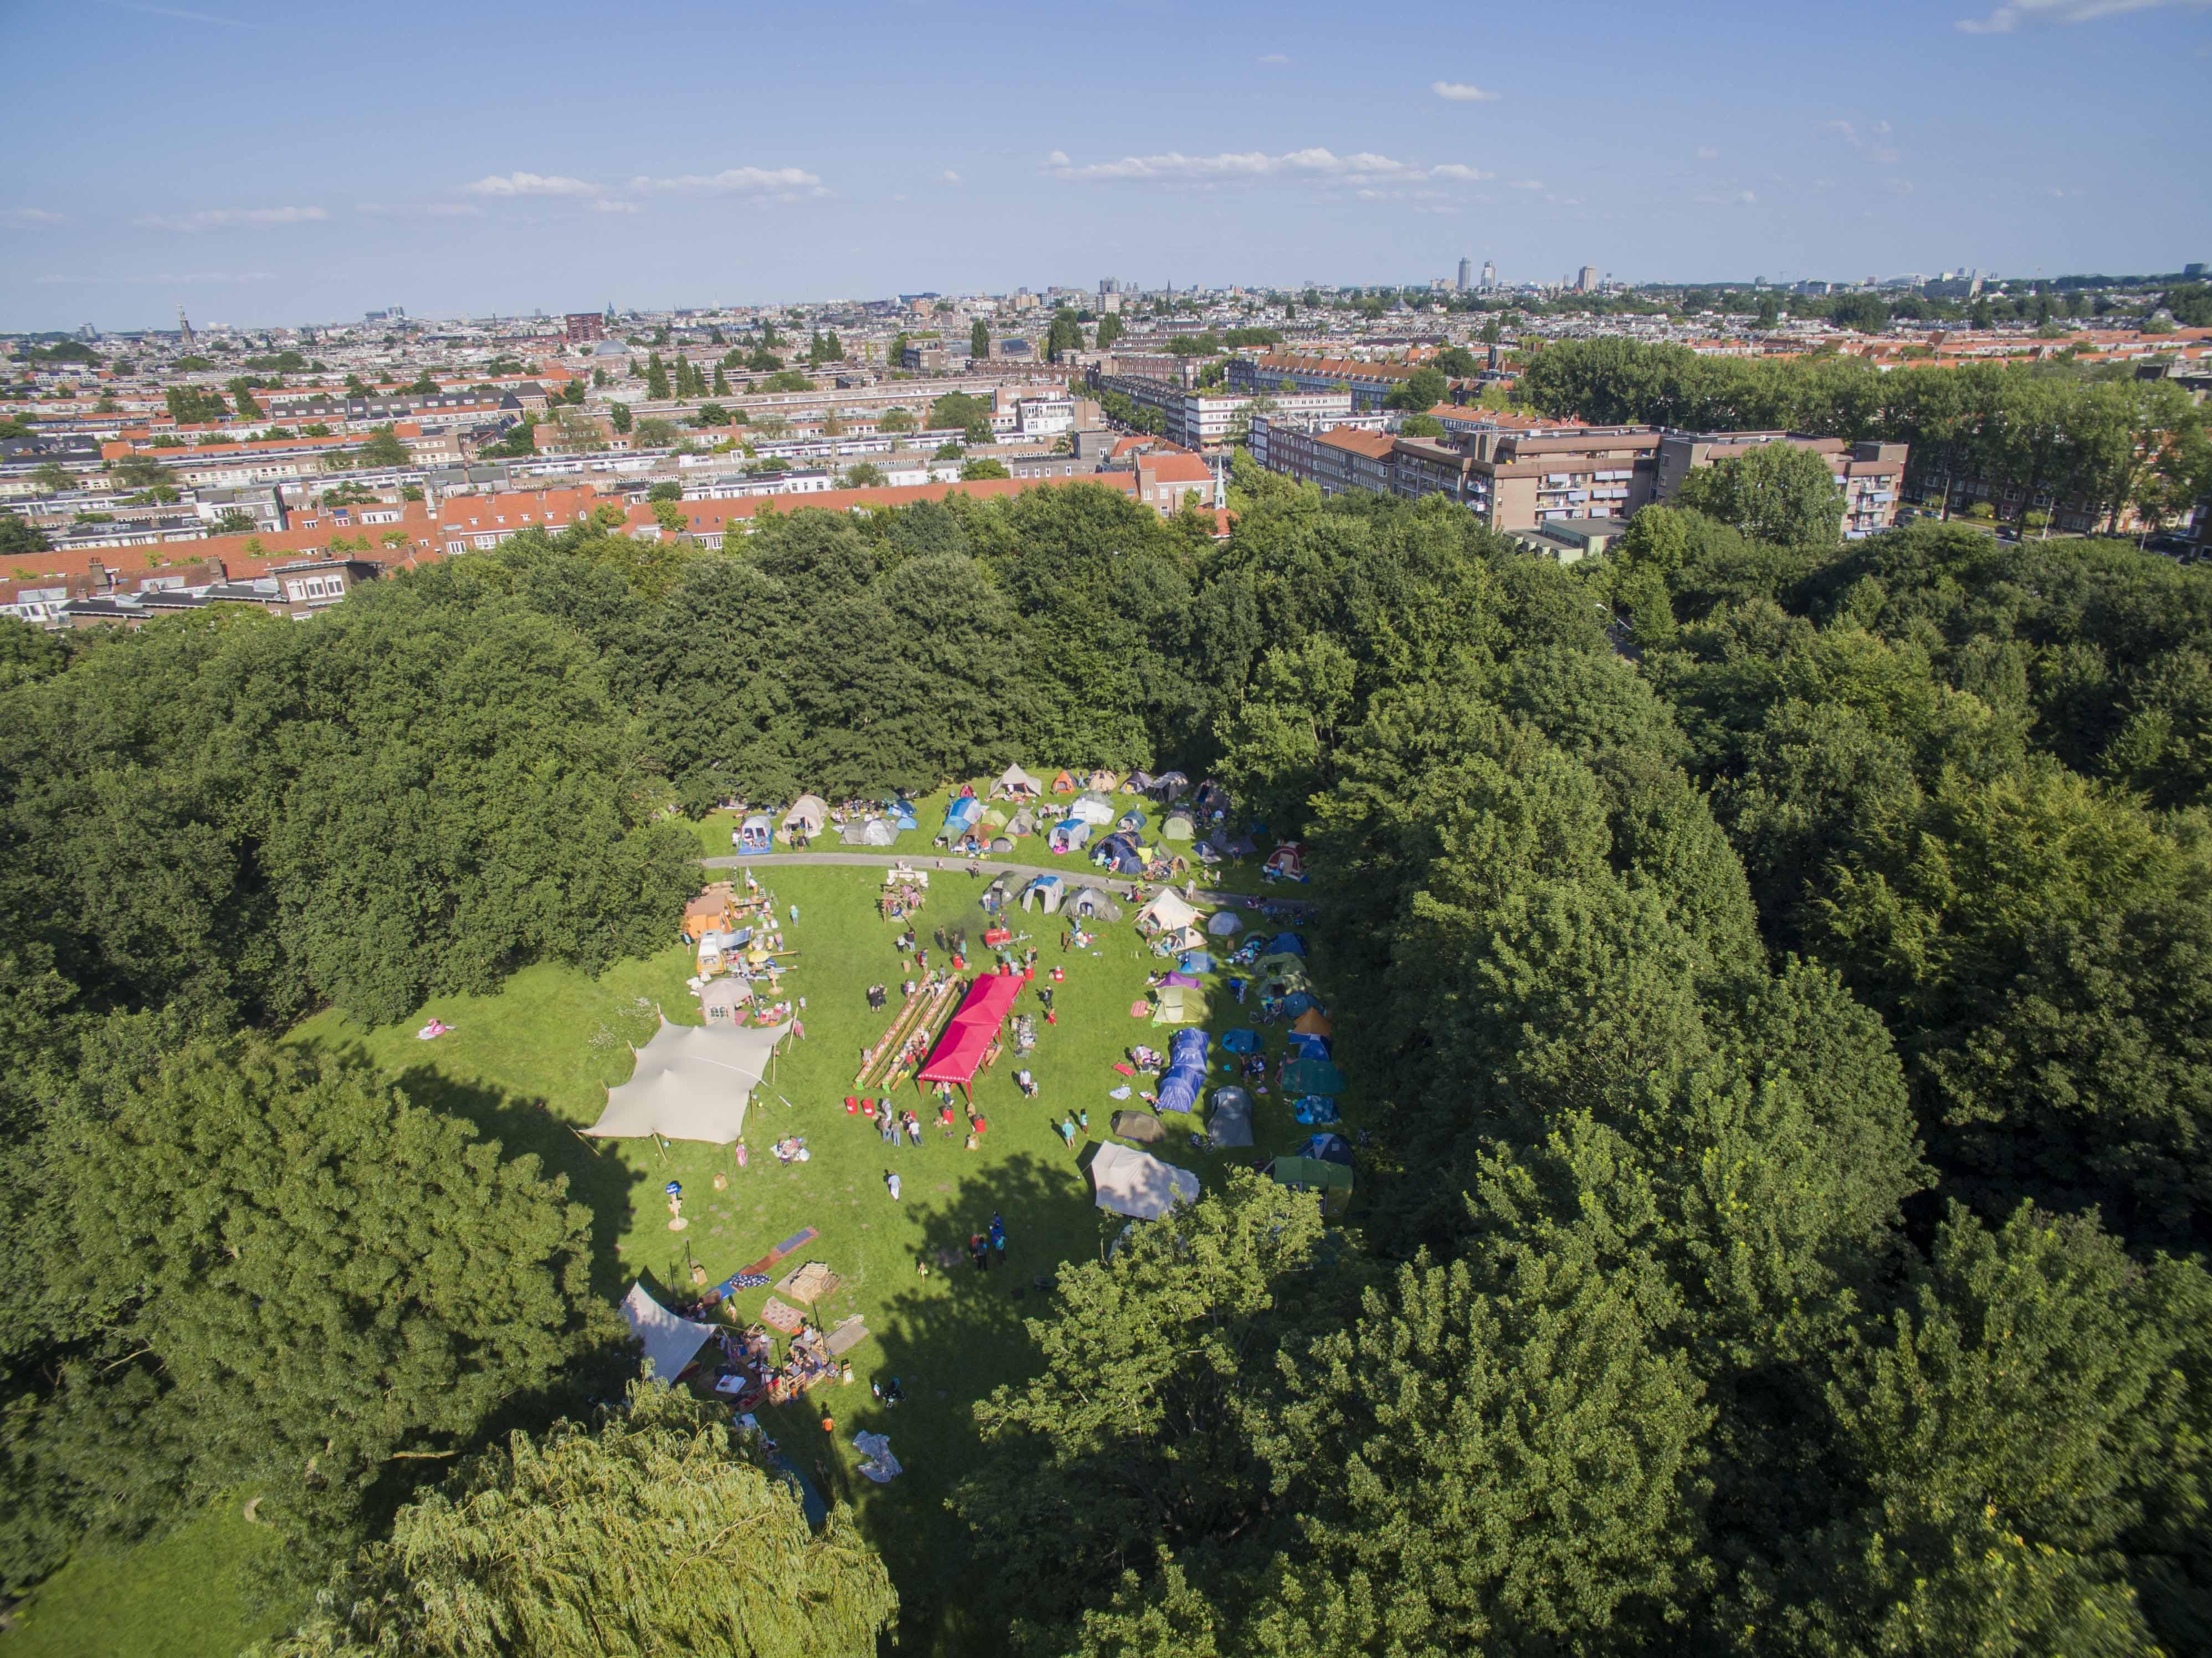 Drone view van de Buurtcamping in een stadspark